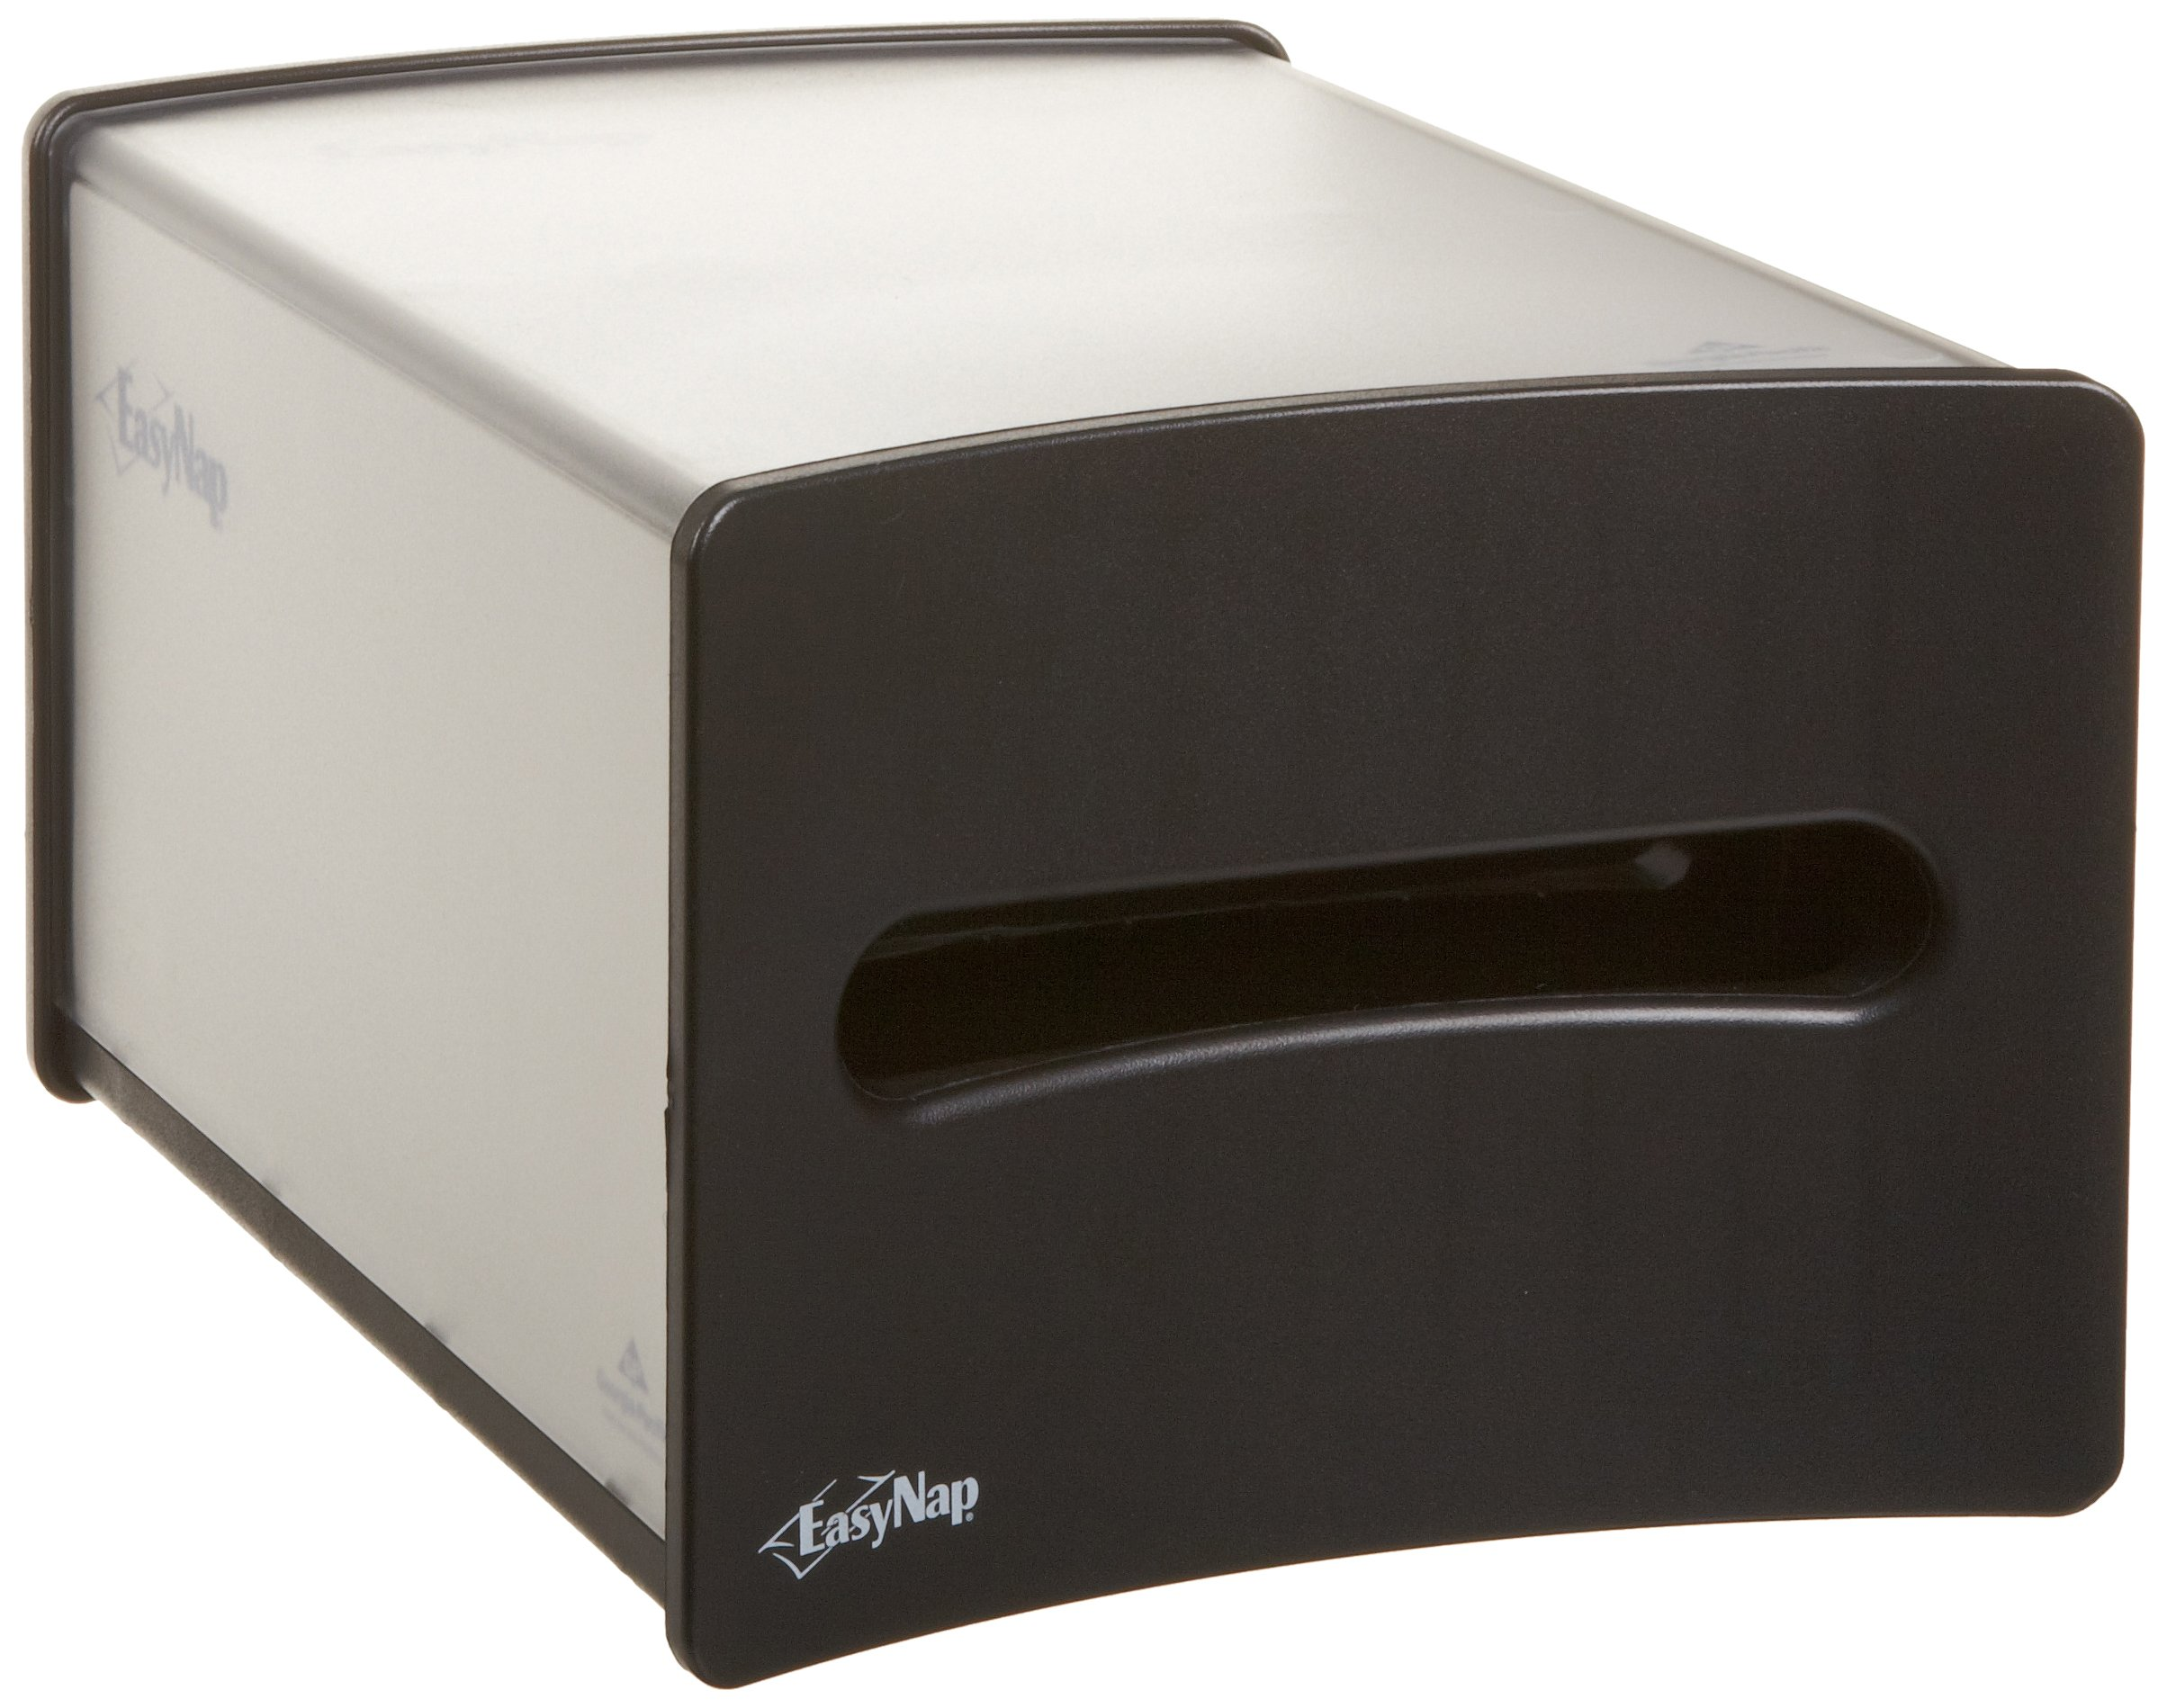 Dixie Ultra 54510 Counter Top Napkin Dispenser 9.25'' Width x 7.25'' Height x 13.62'' Depth, Black, (1 Each)